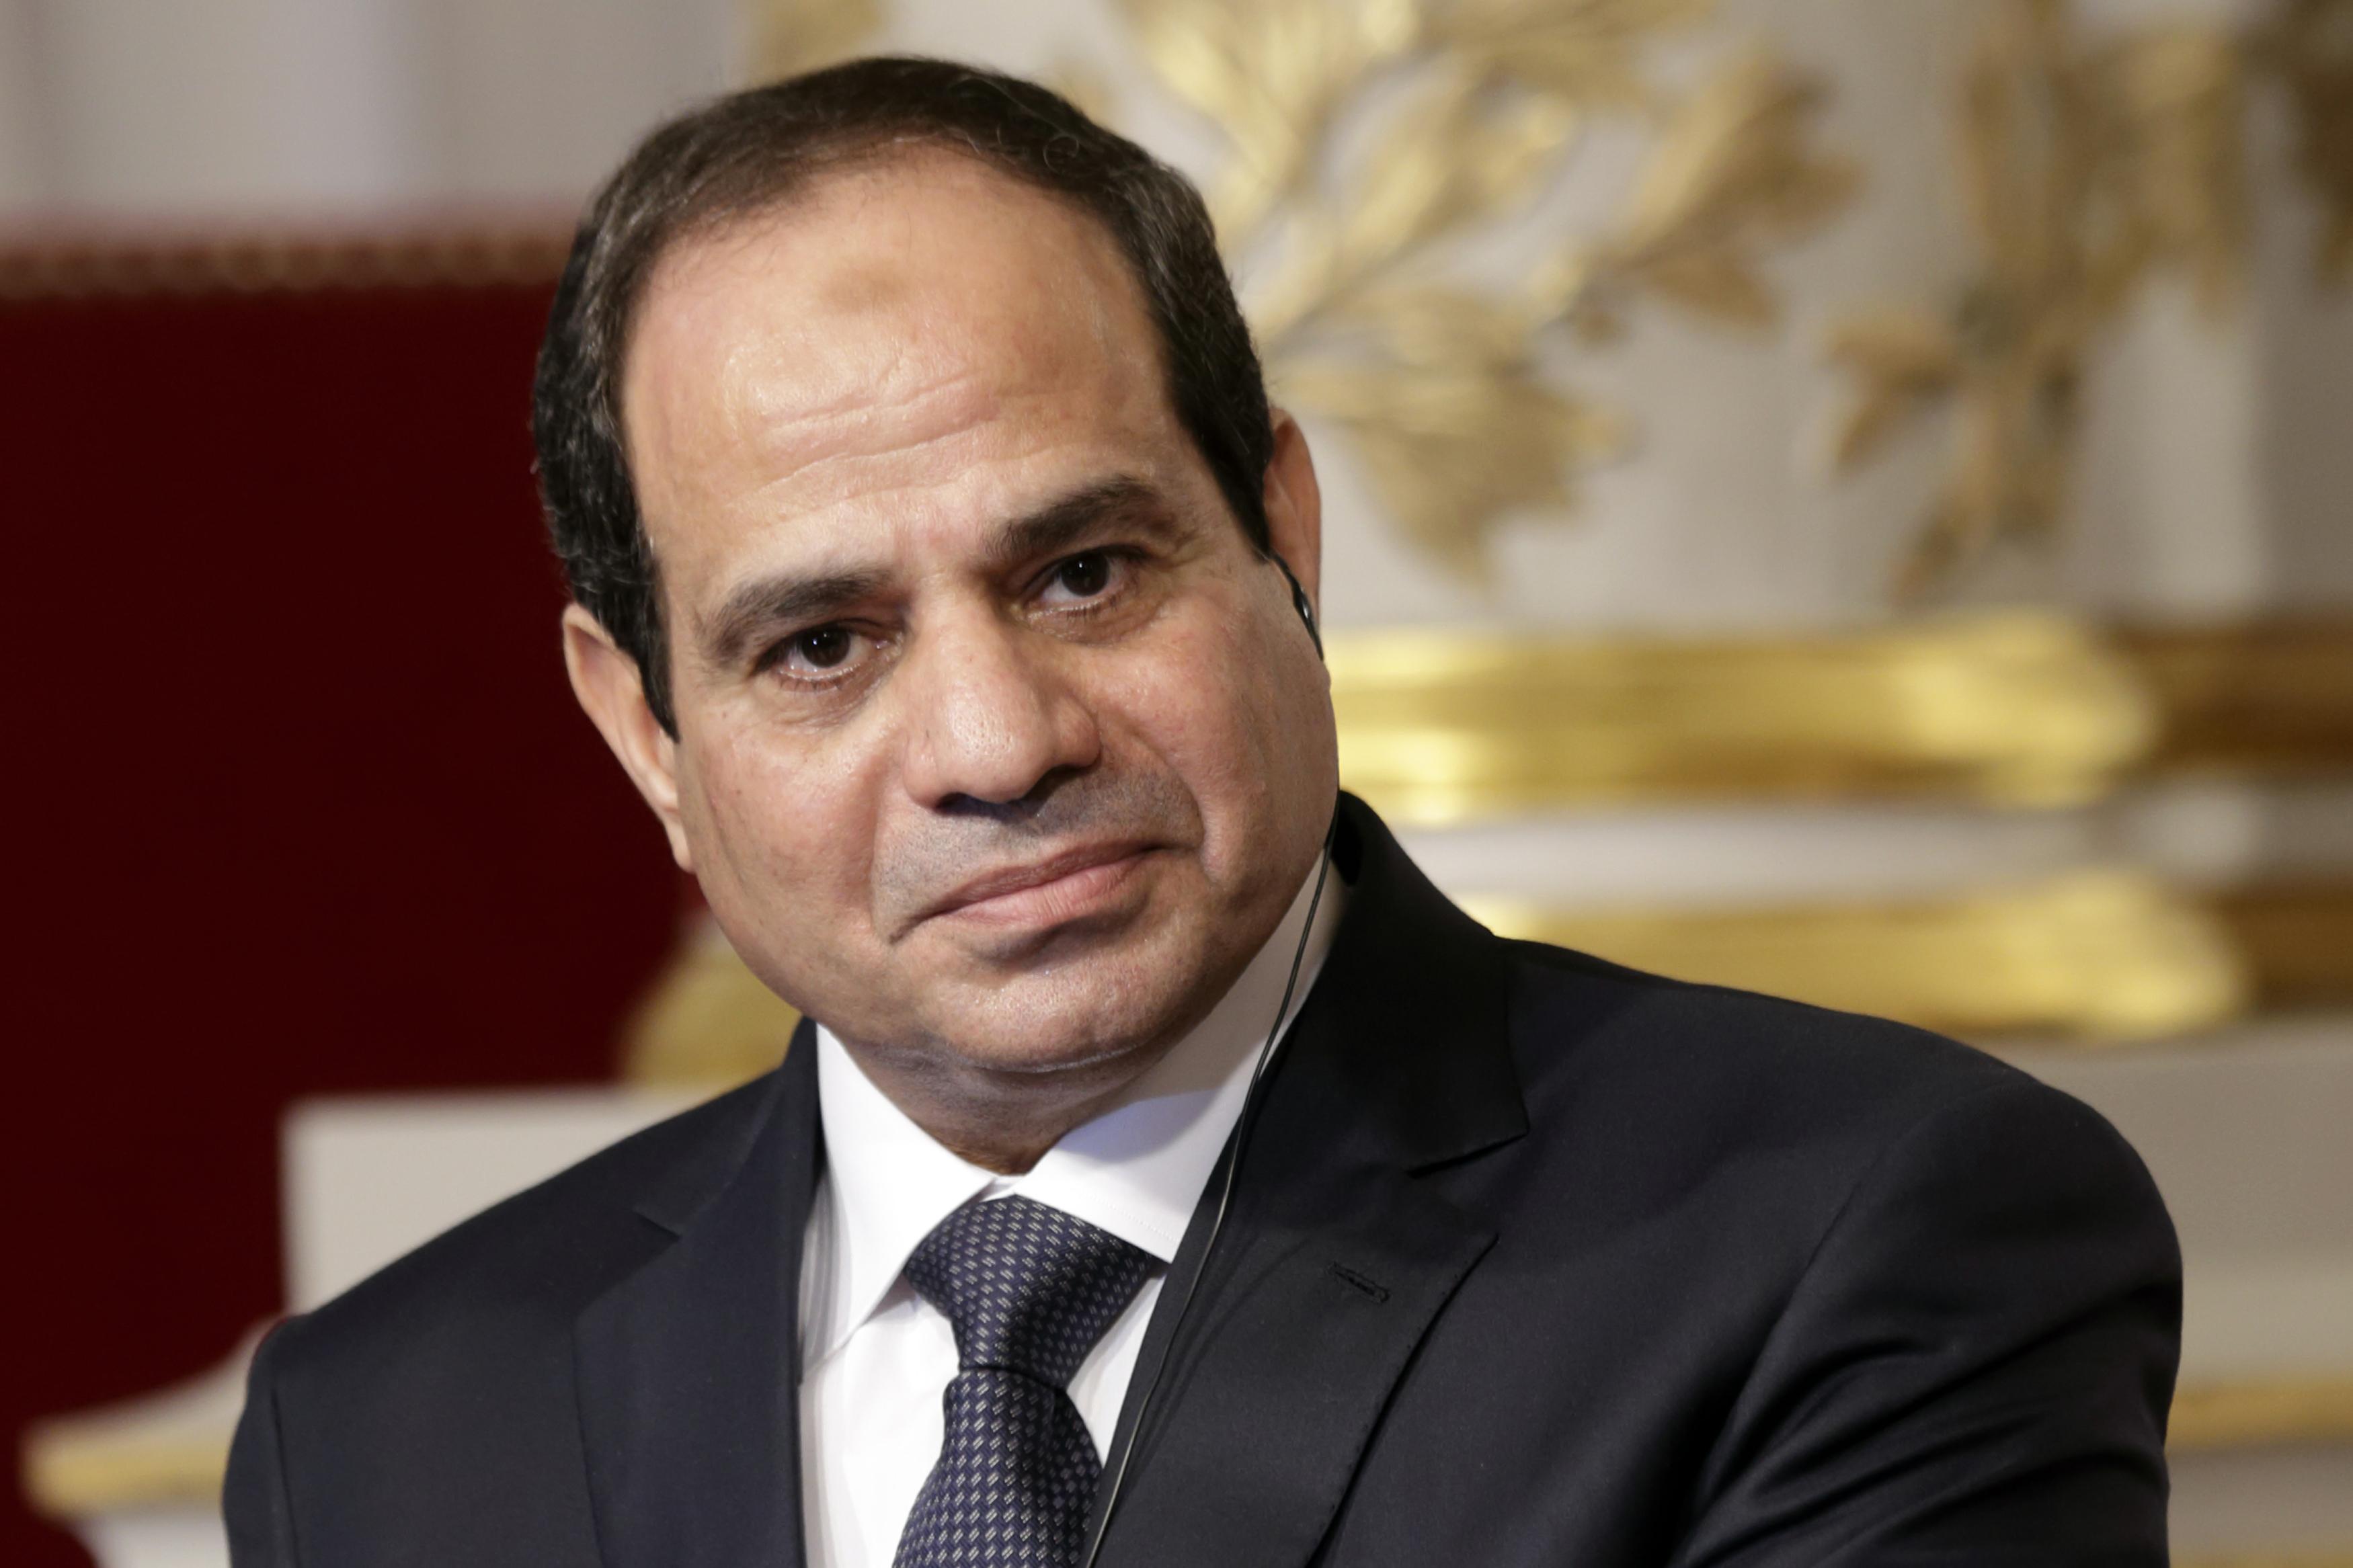 السيسي يقبل إستقالة حكومة محلب و يُكلف إسماعيل بتشكيل حكومة جديدة